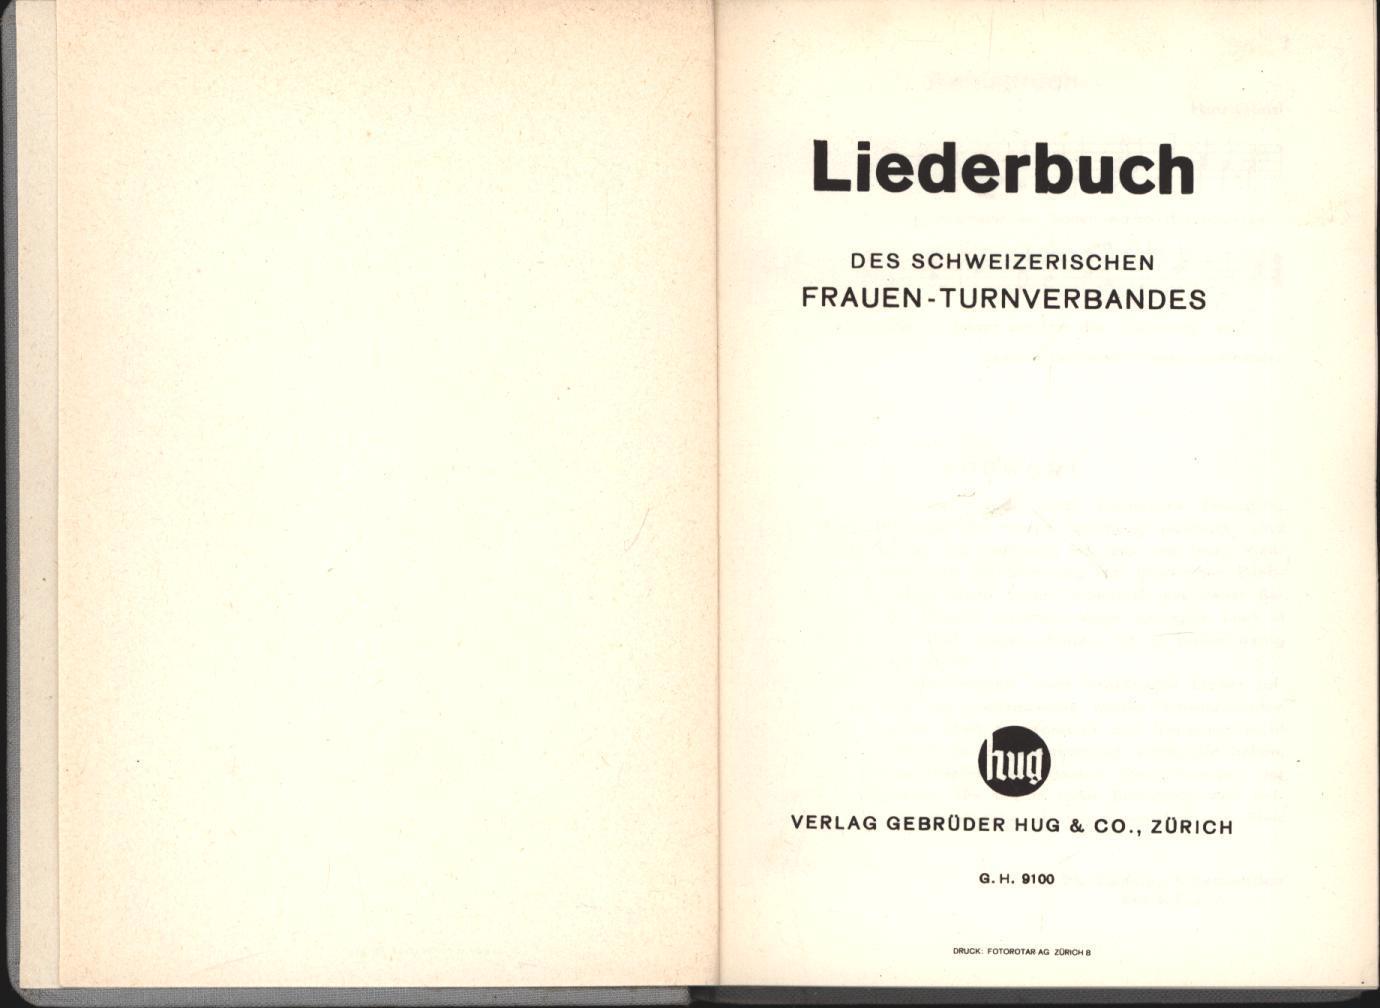 Liederbuch des schweizerischen Frauen-Turnverbandes: Erstausgabe.